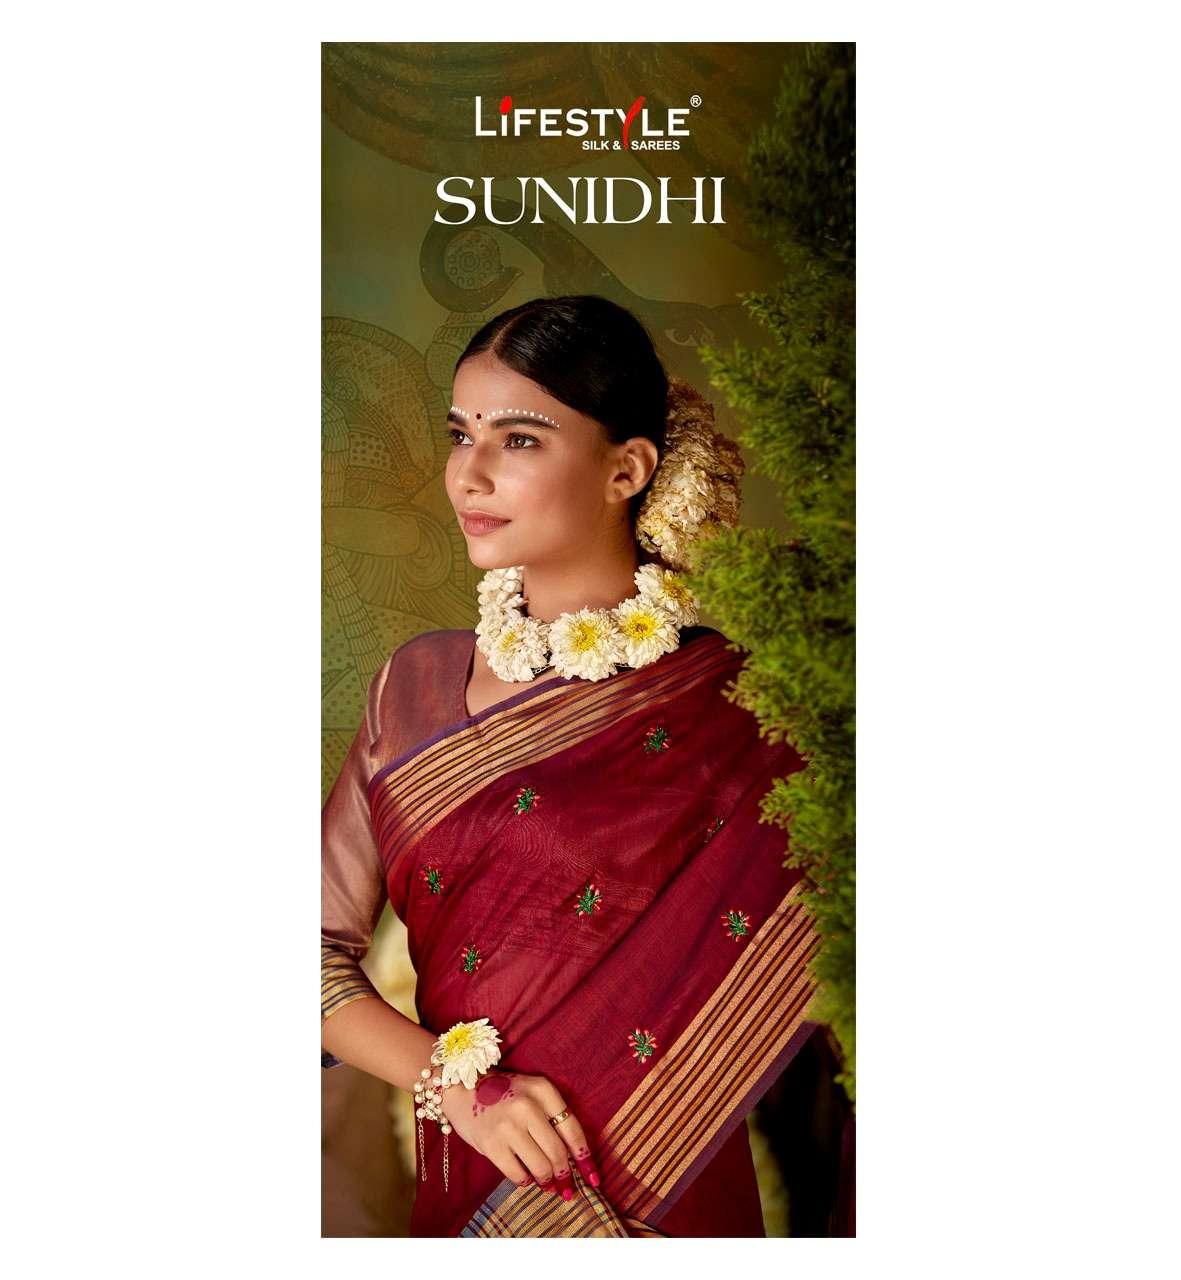 sunidhi vol 1 by lifestyle chanderi silk designer fancy sarees